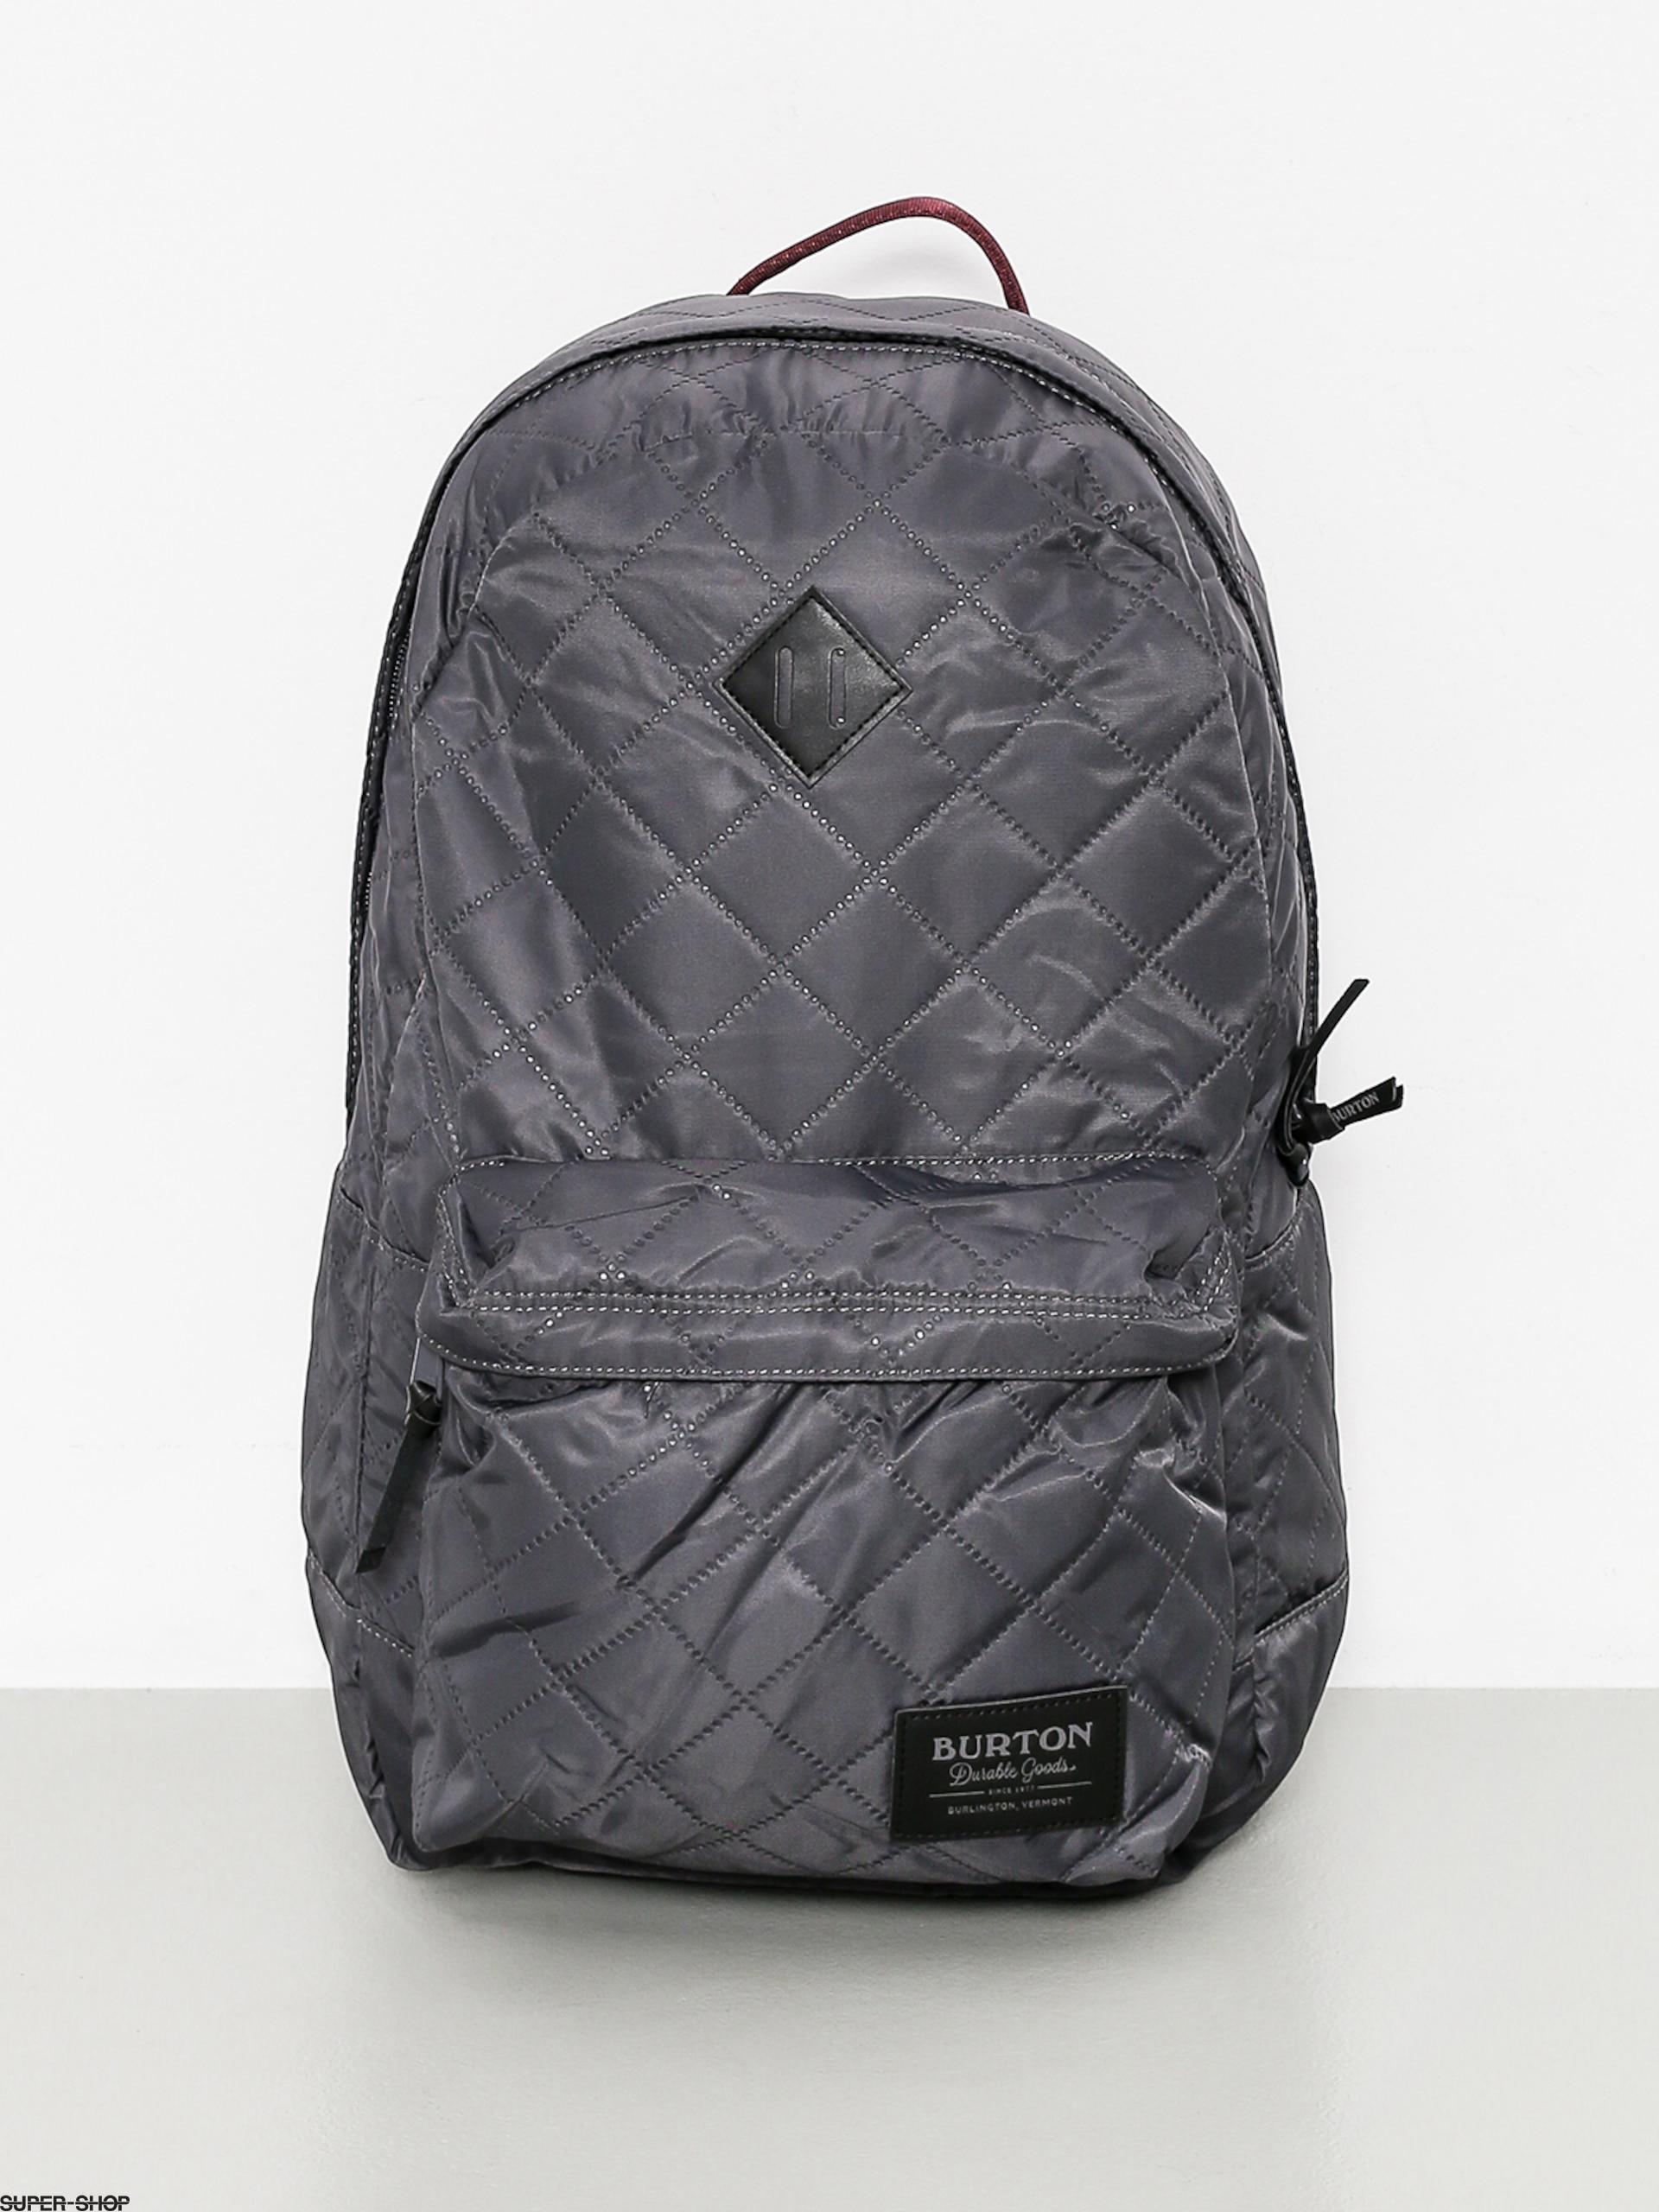 eadad48ea97df 982074-w1920-burton-backpack-kettle-faded-qultd-flt-satn.jpg